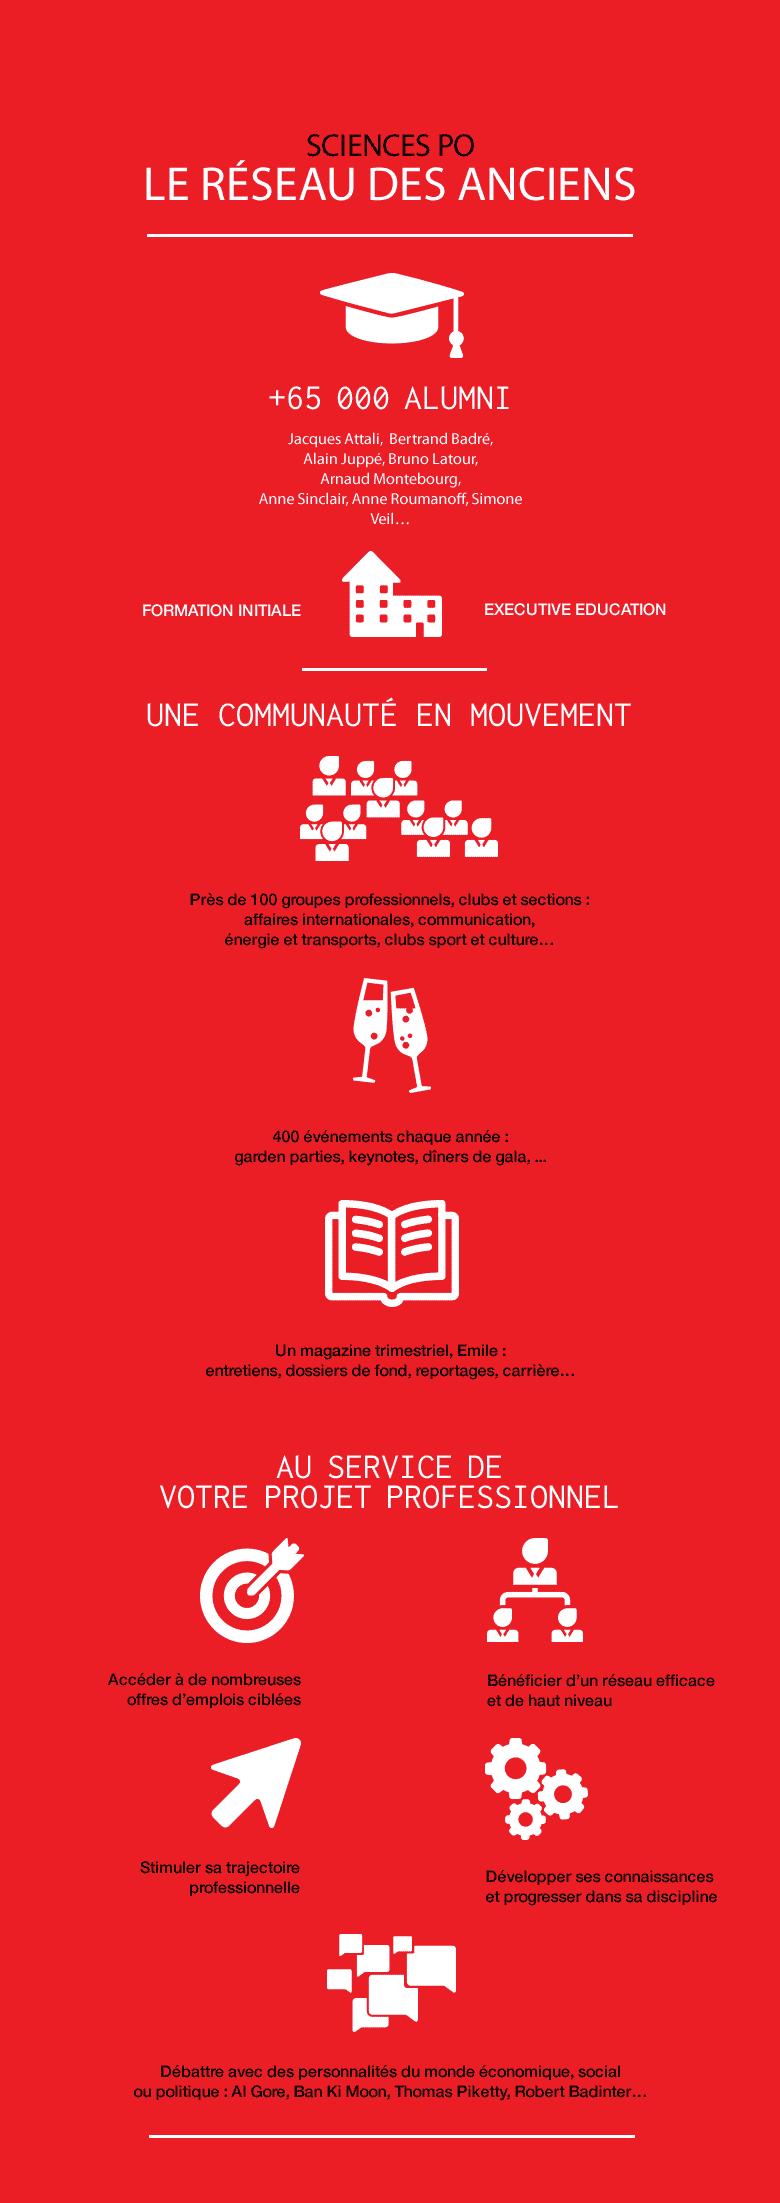 Infographie - Reseau Ancien - Sciences Po